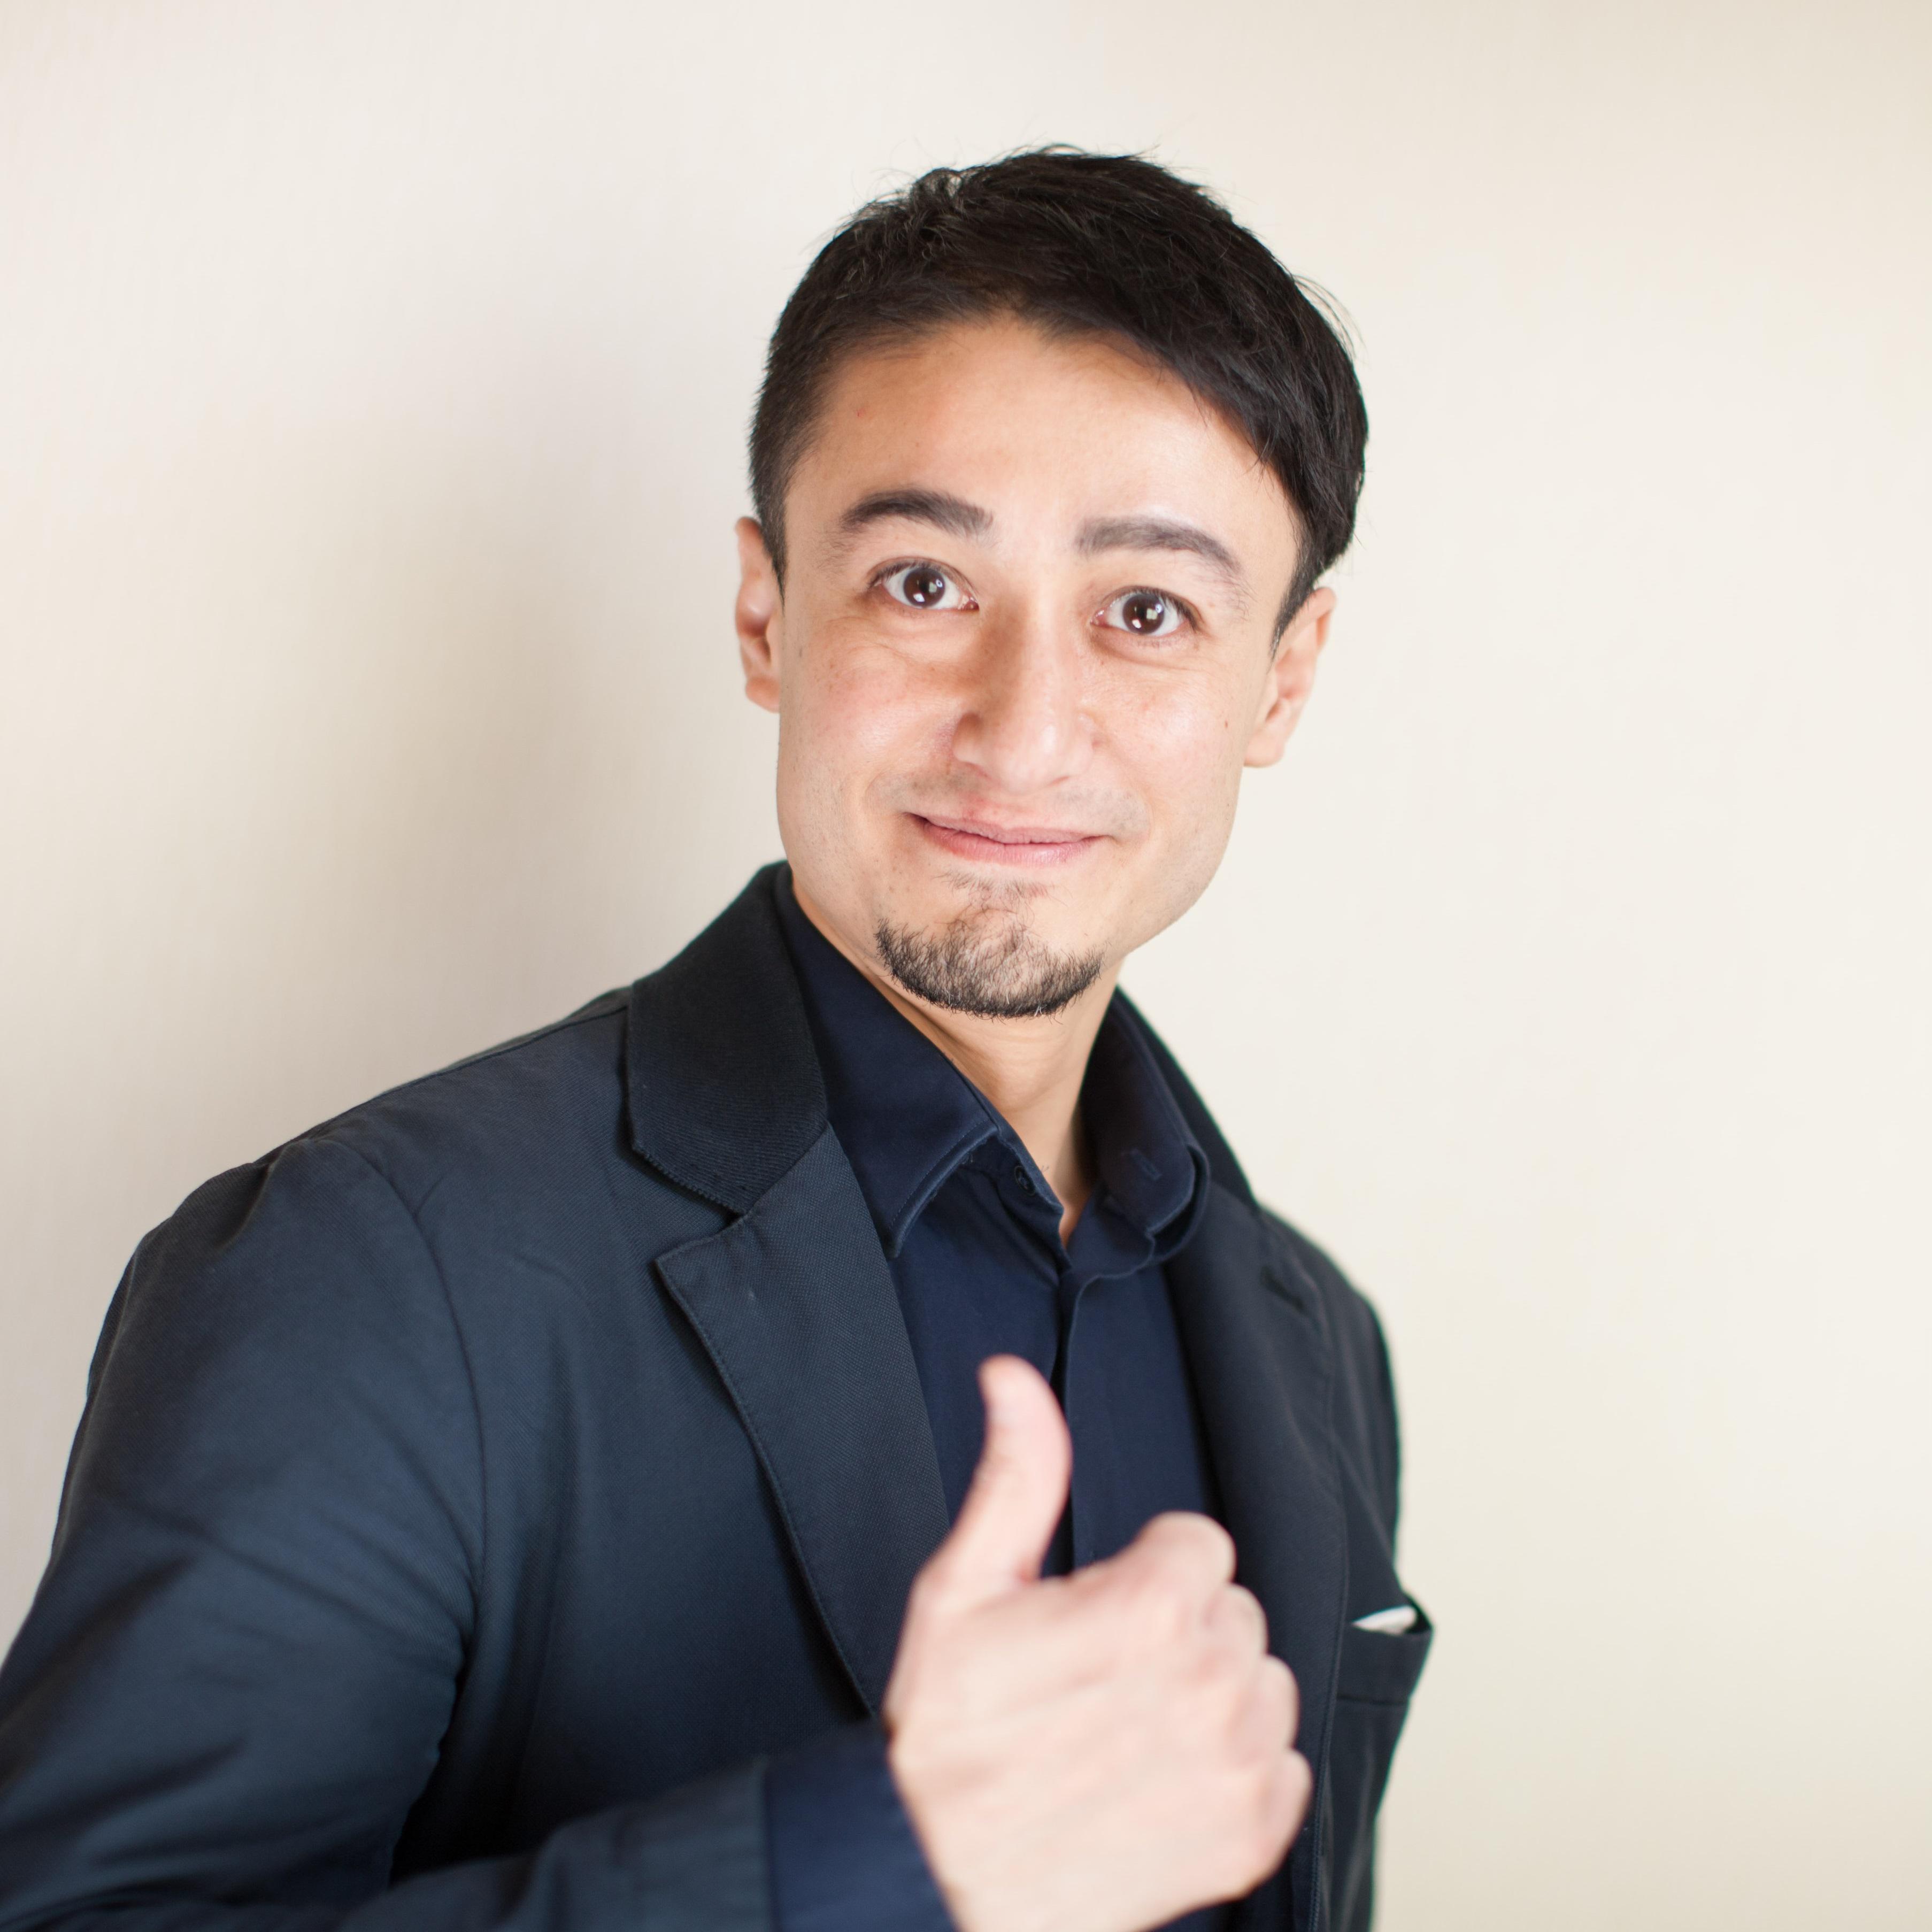 http://www.asuka-g.co.jp/event/6268645ea5cd0e30a3db981ca7805a043db87128.jpg